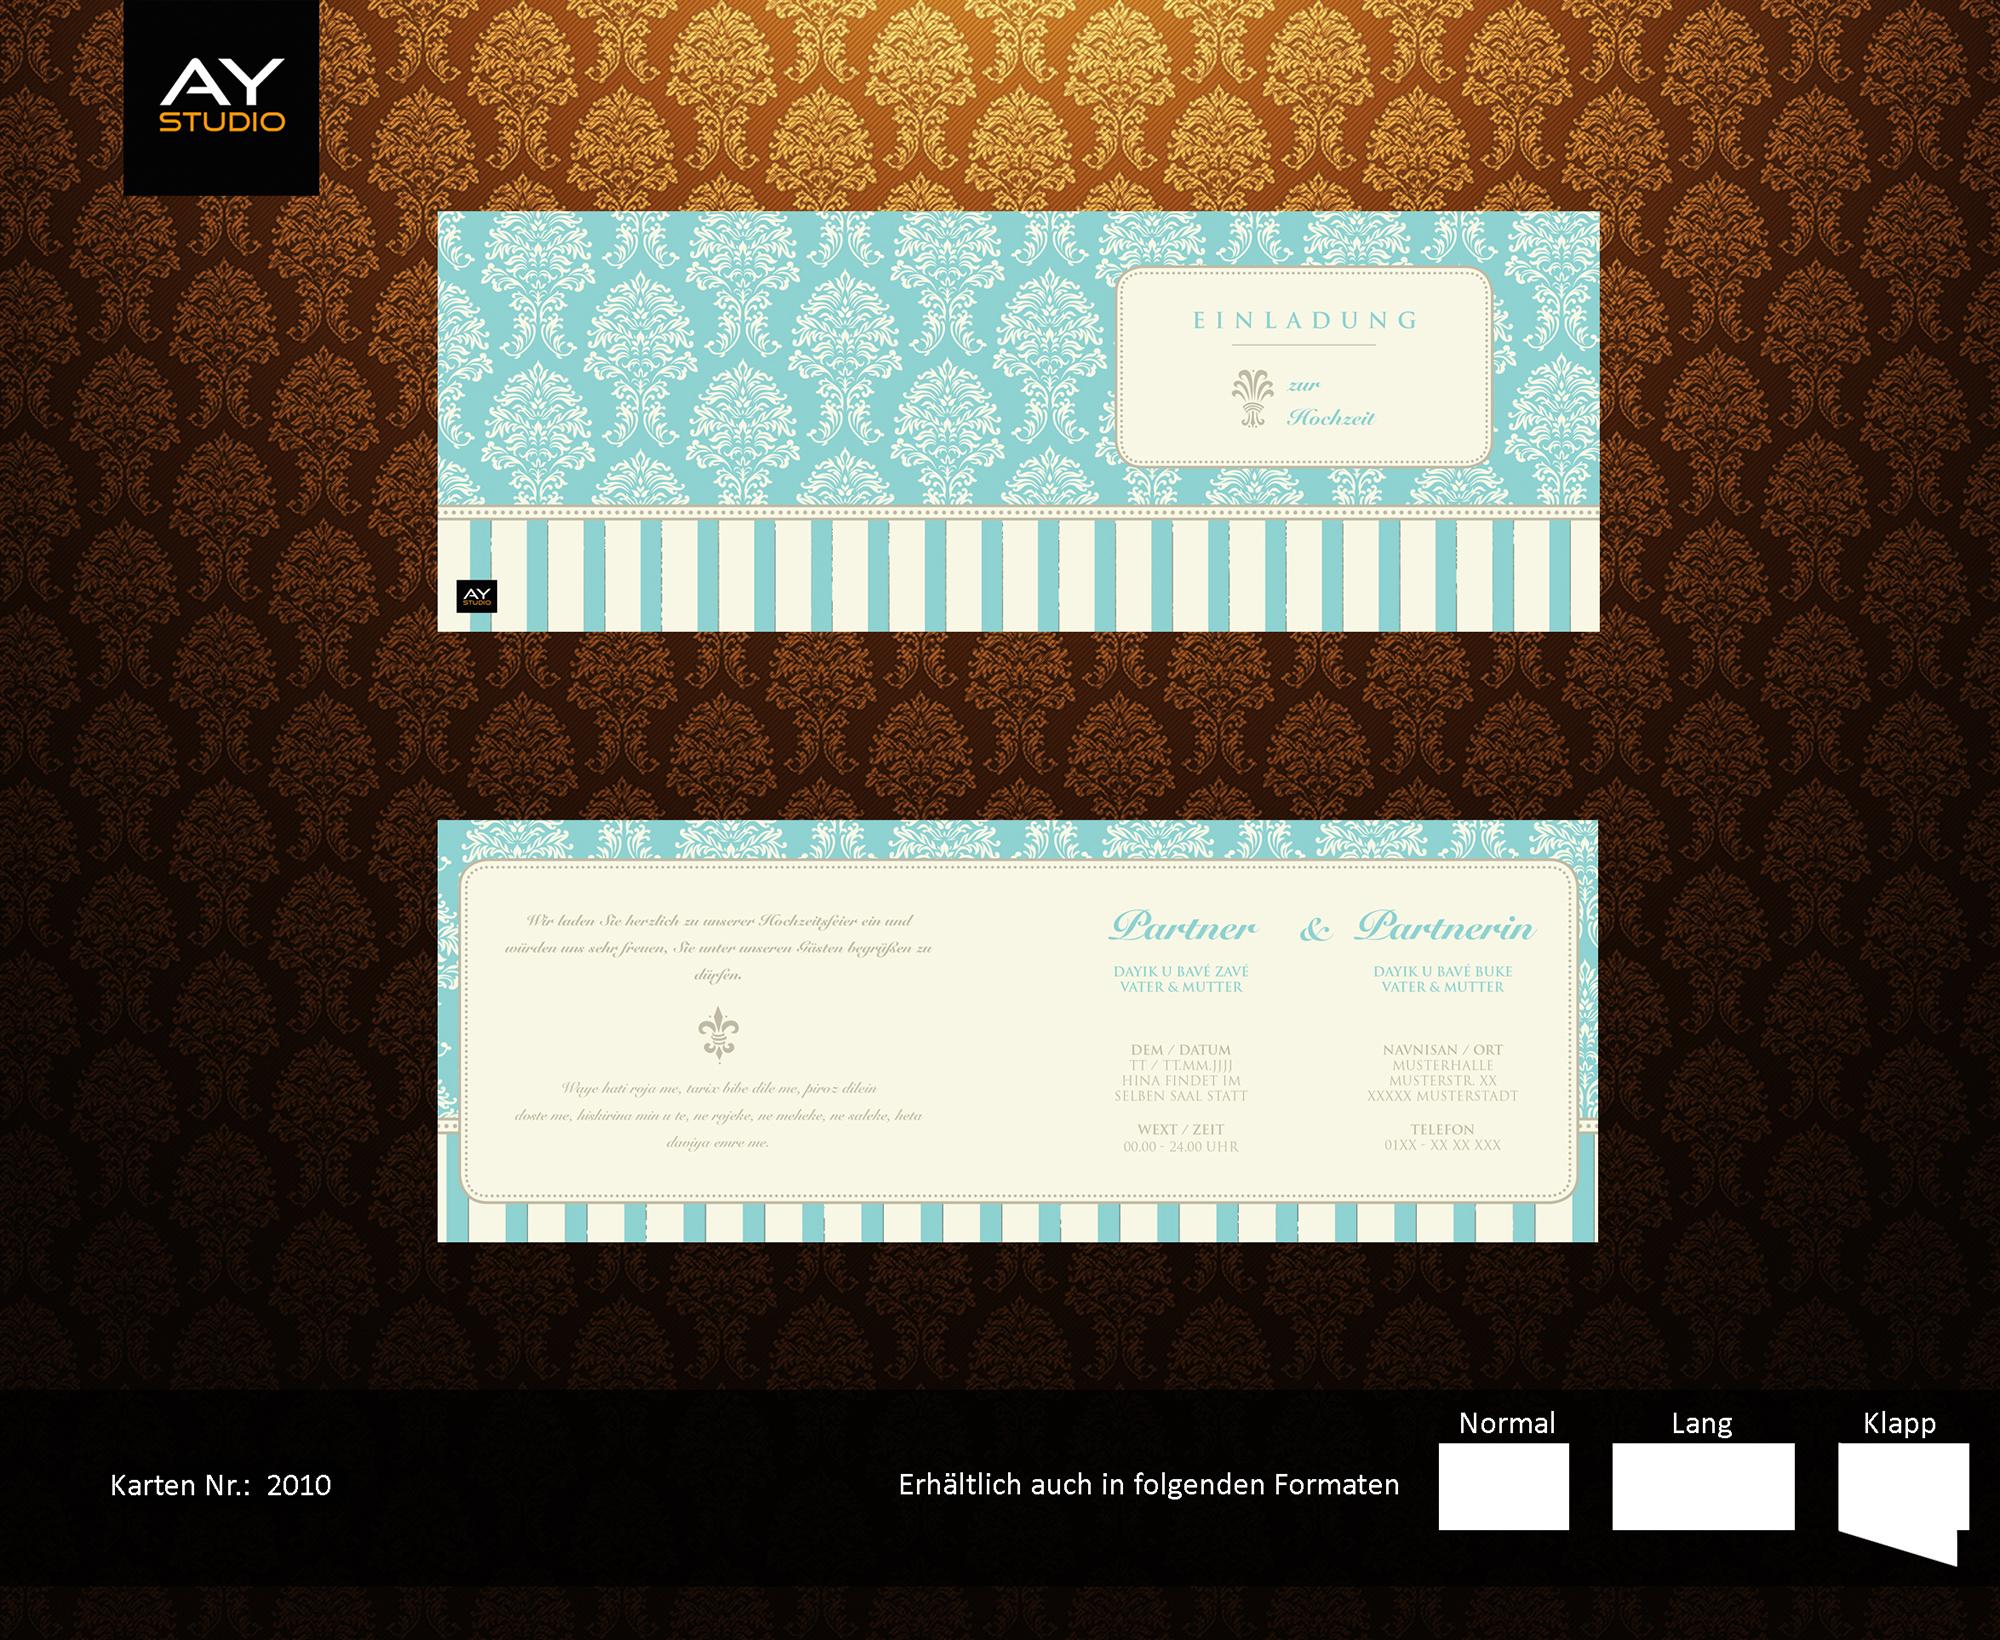 ay_card_2010